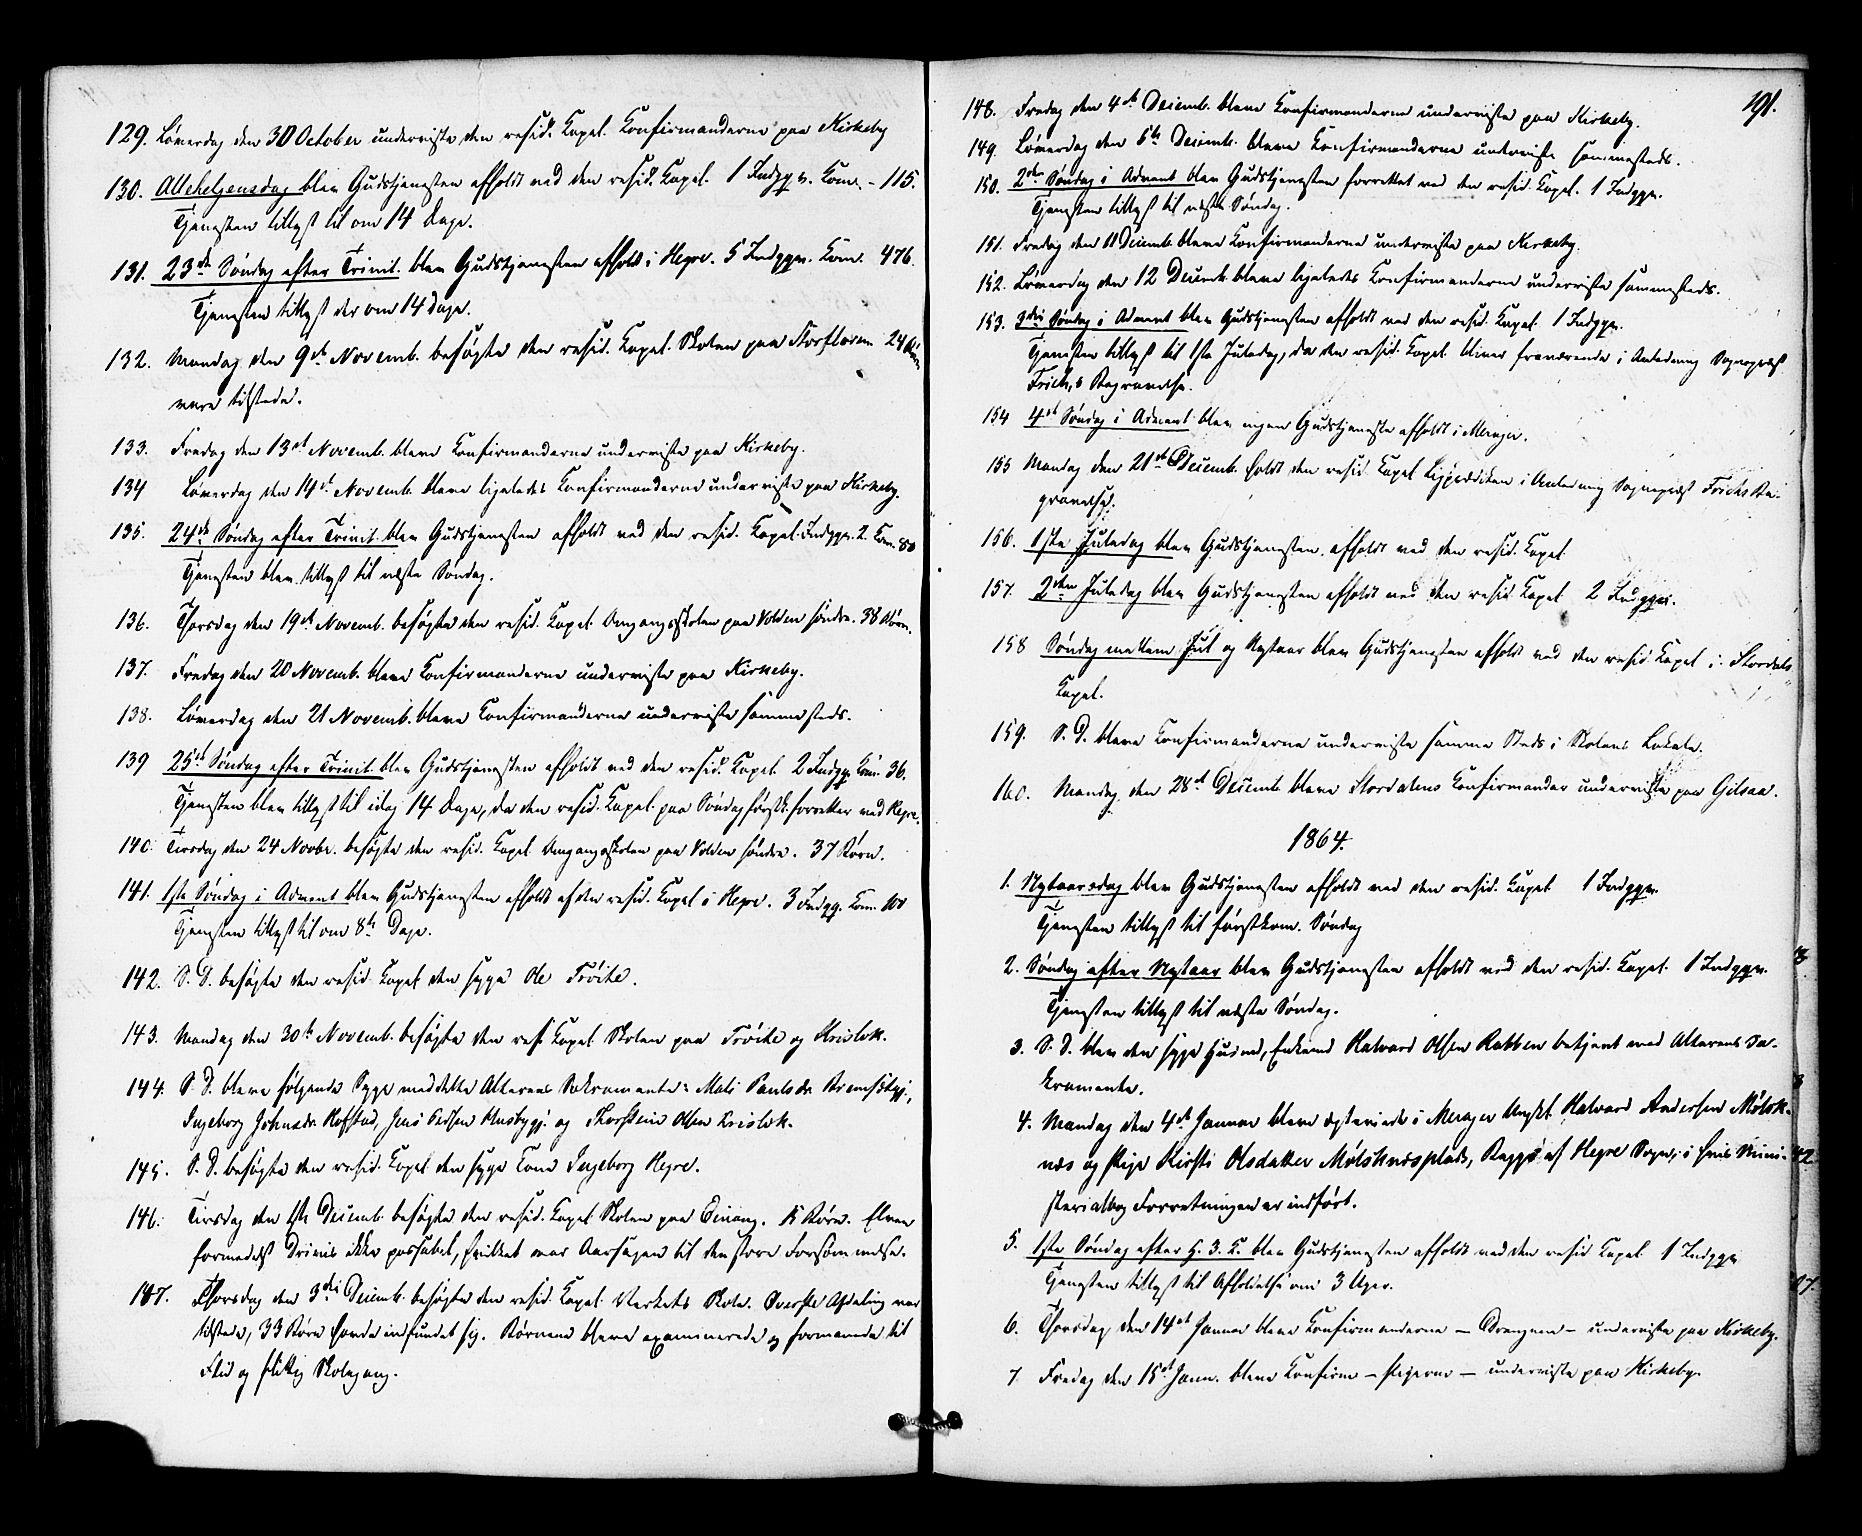 SAT, Ministerialprotokoller, klokkerbøker og fødselsregistre - Nord-Trøndelag, 706/L0041: Ministerialbok nr. 706A02, 1862-1877, s. 191